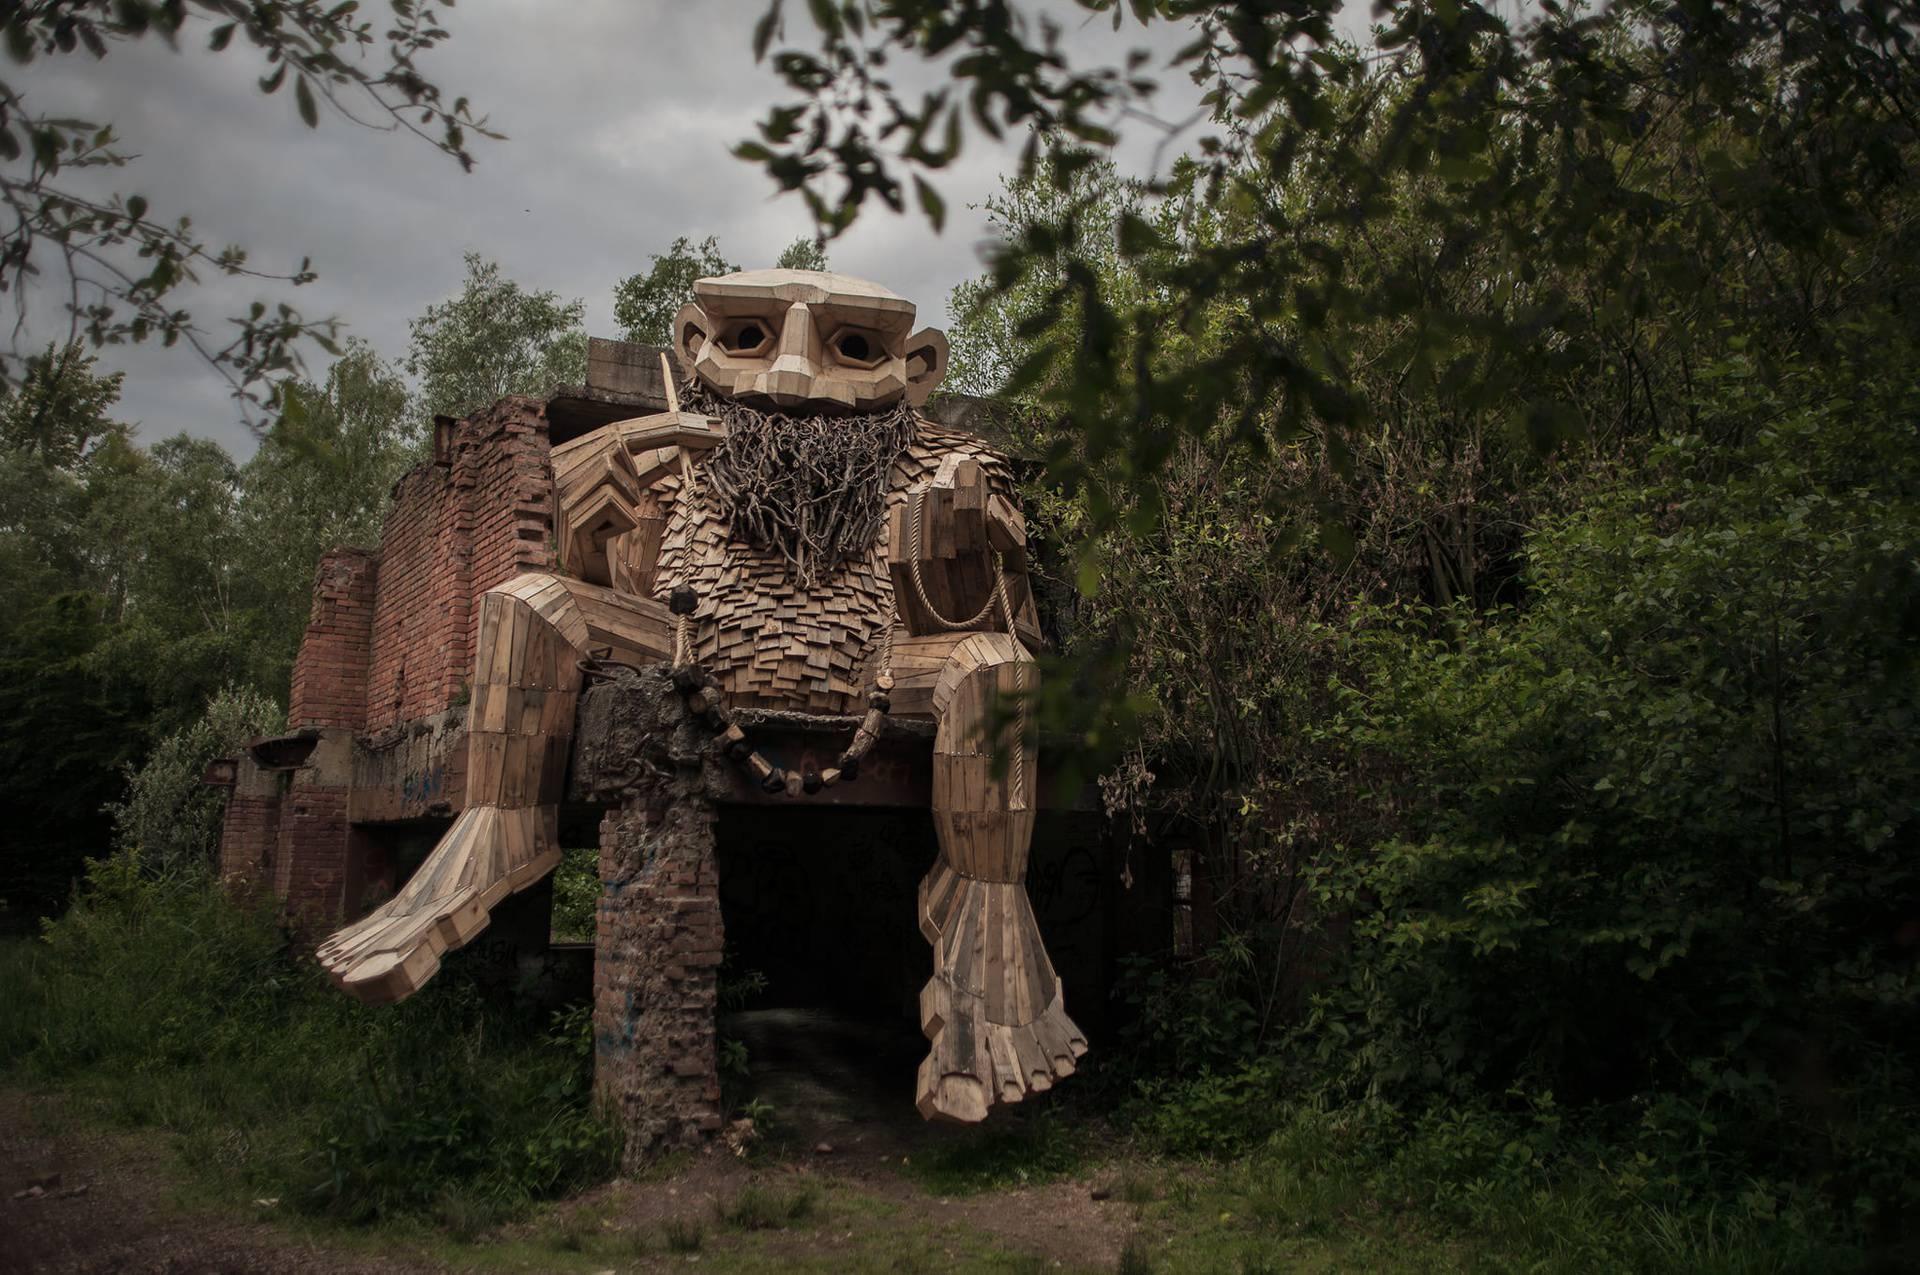 Umjetnik pretvara reciklirano drvo u divne divovske trolove